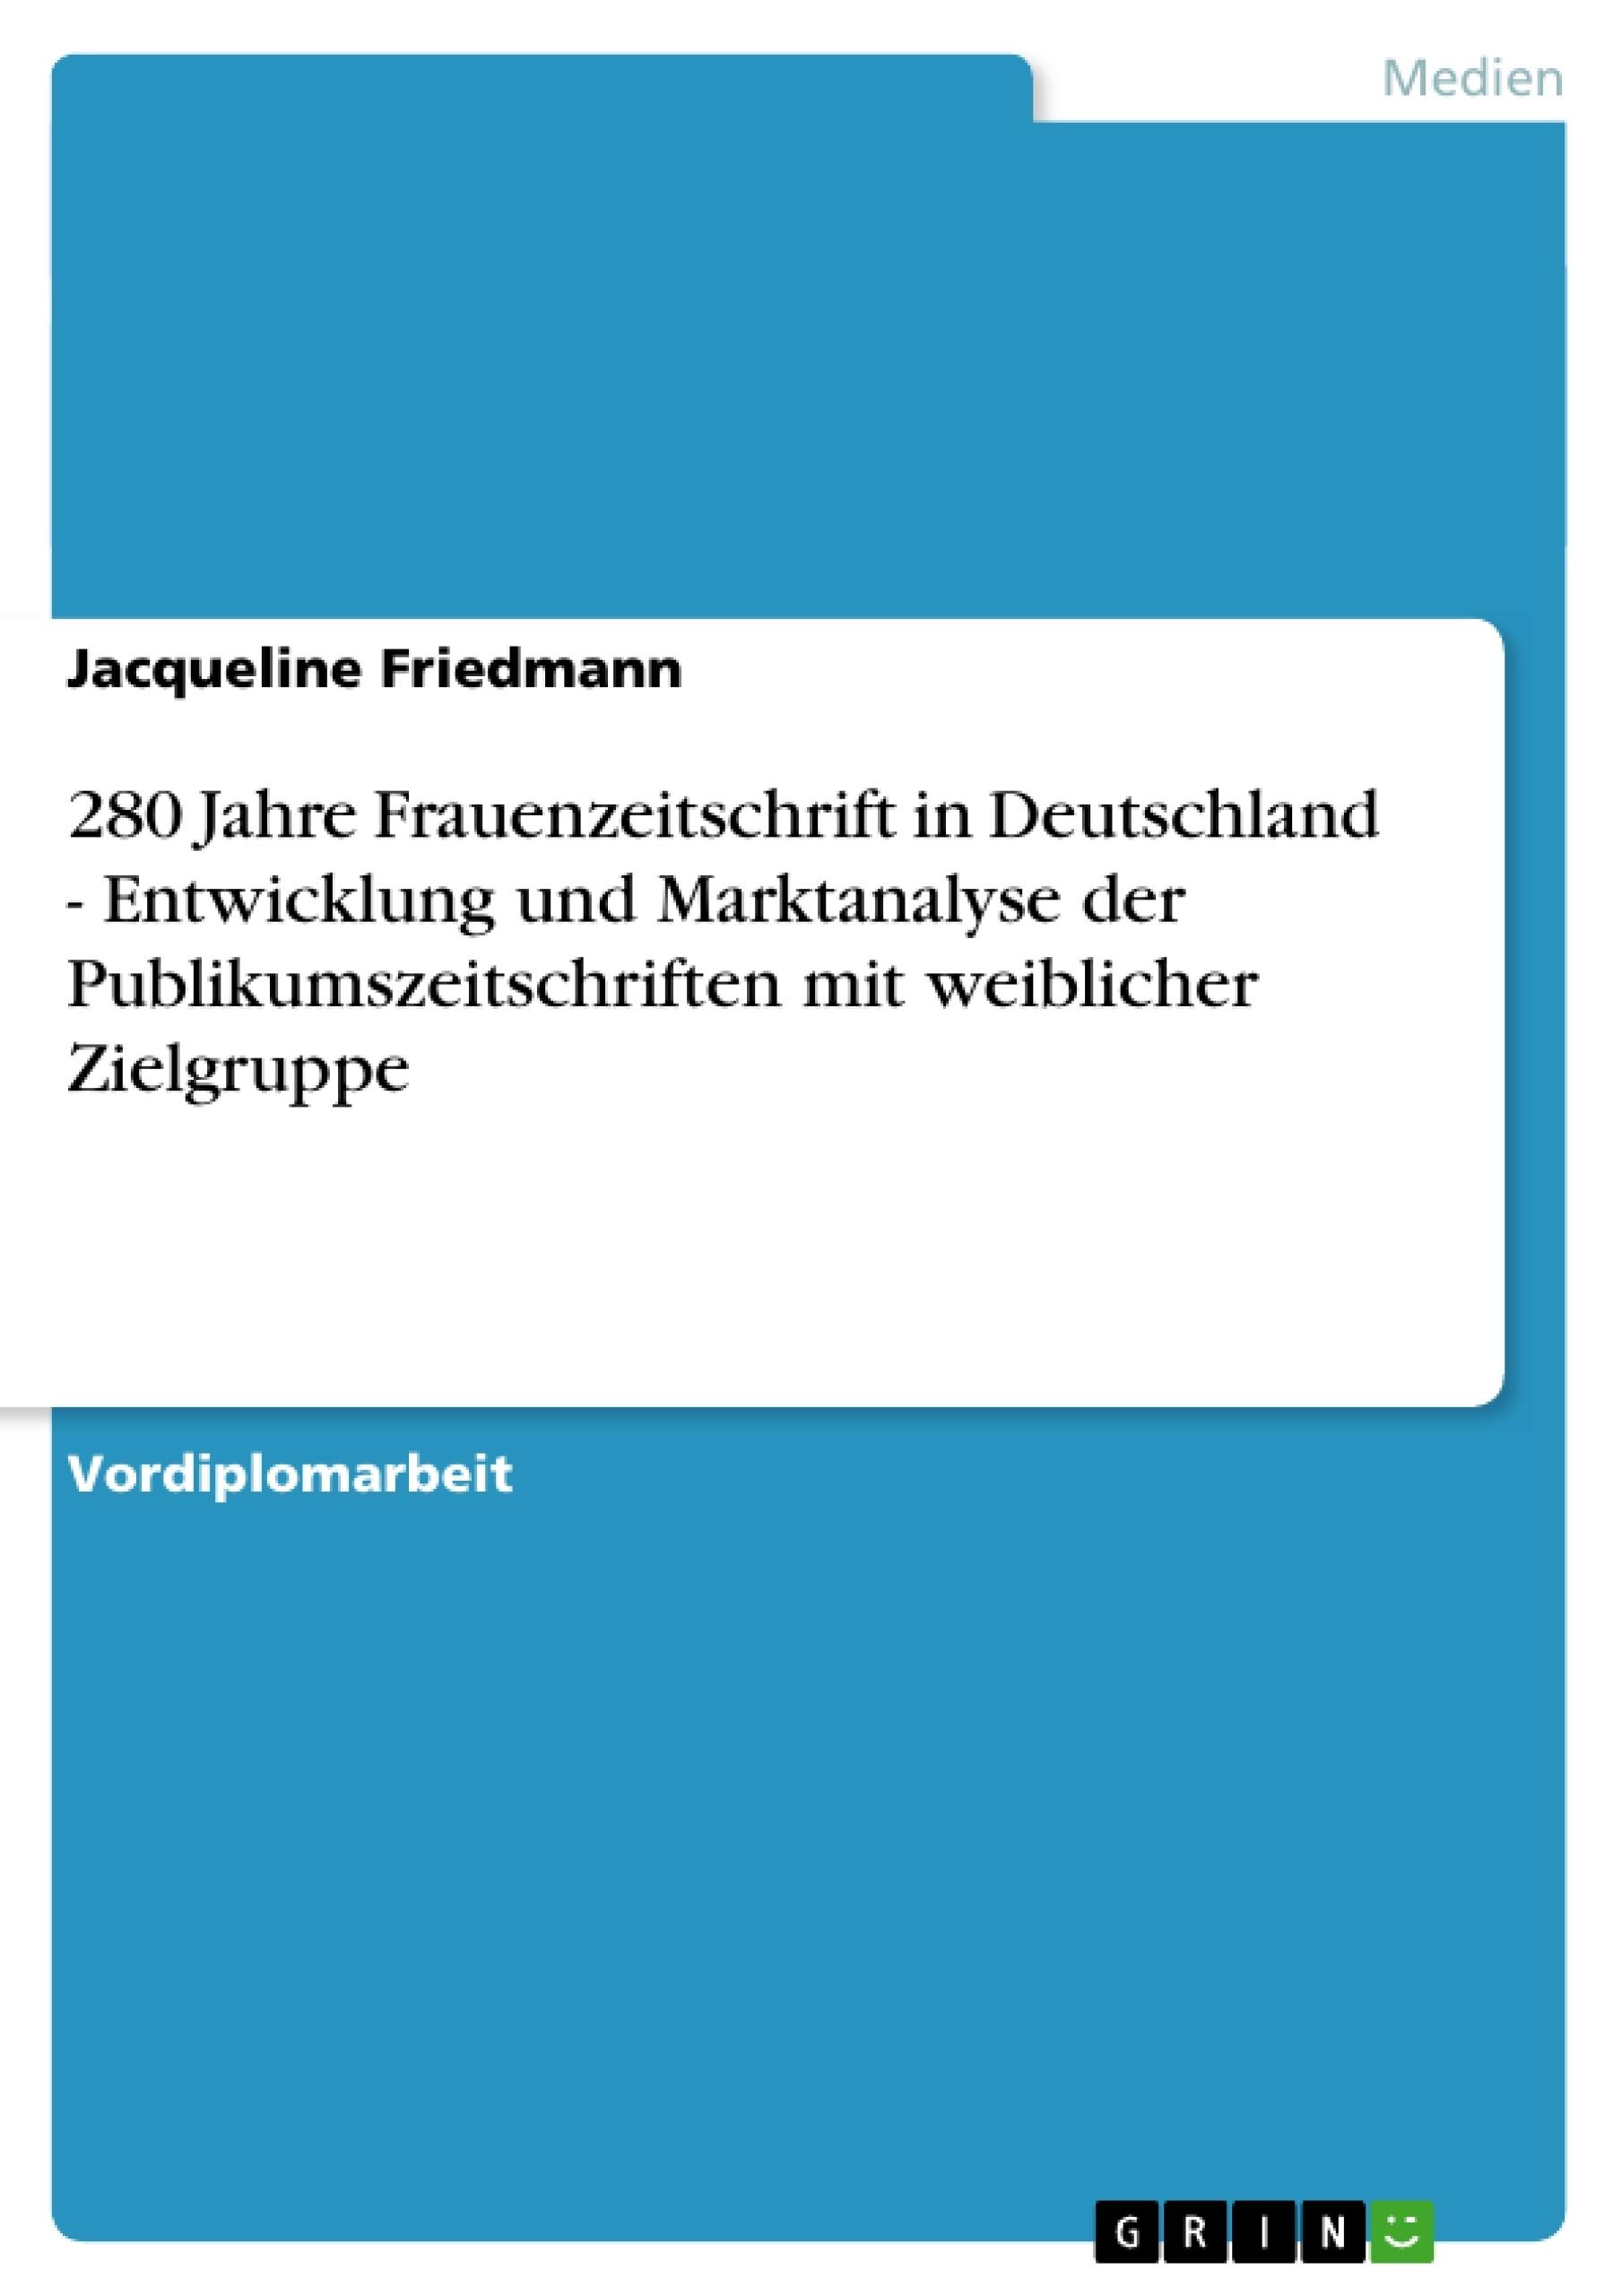 Titel: Entwicklung und Marktanalyse der Publikumszeitschriften mit weiblicher Zielgruppe